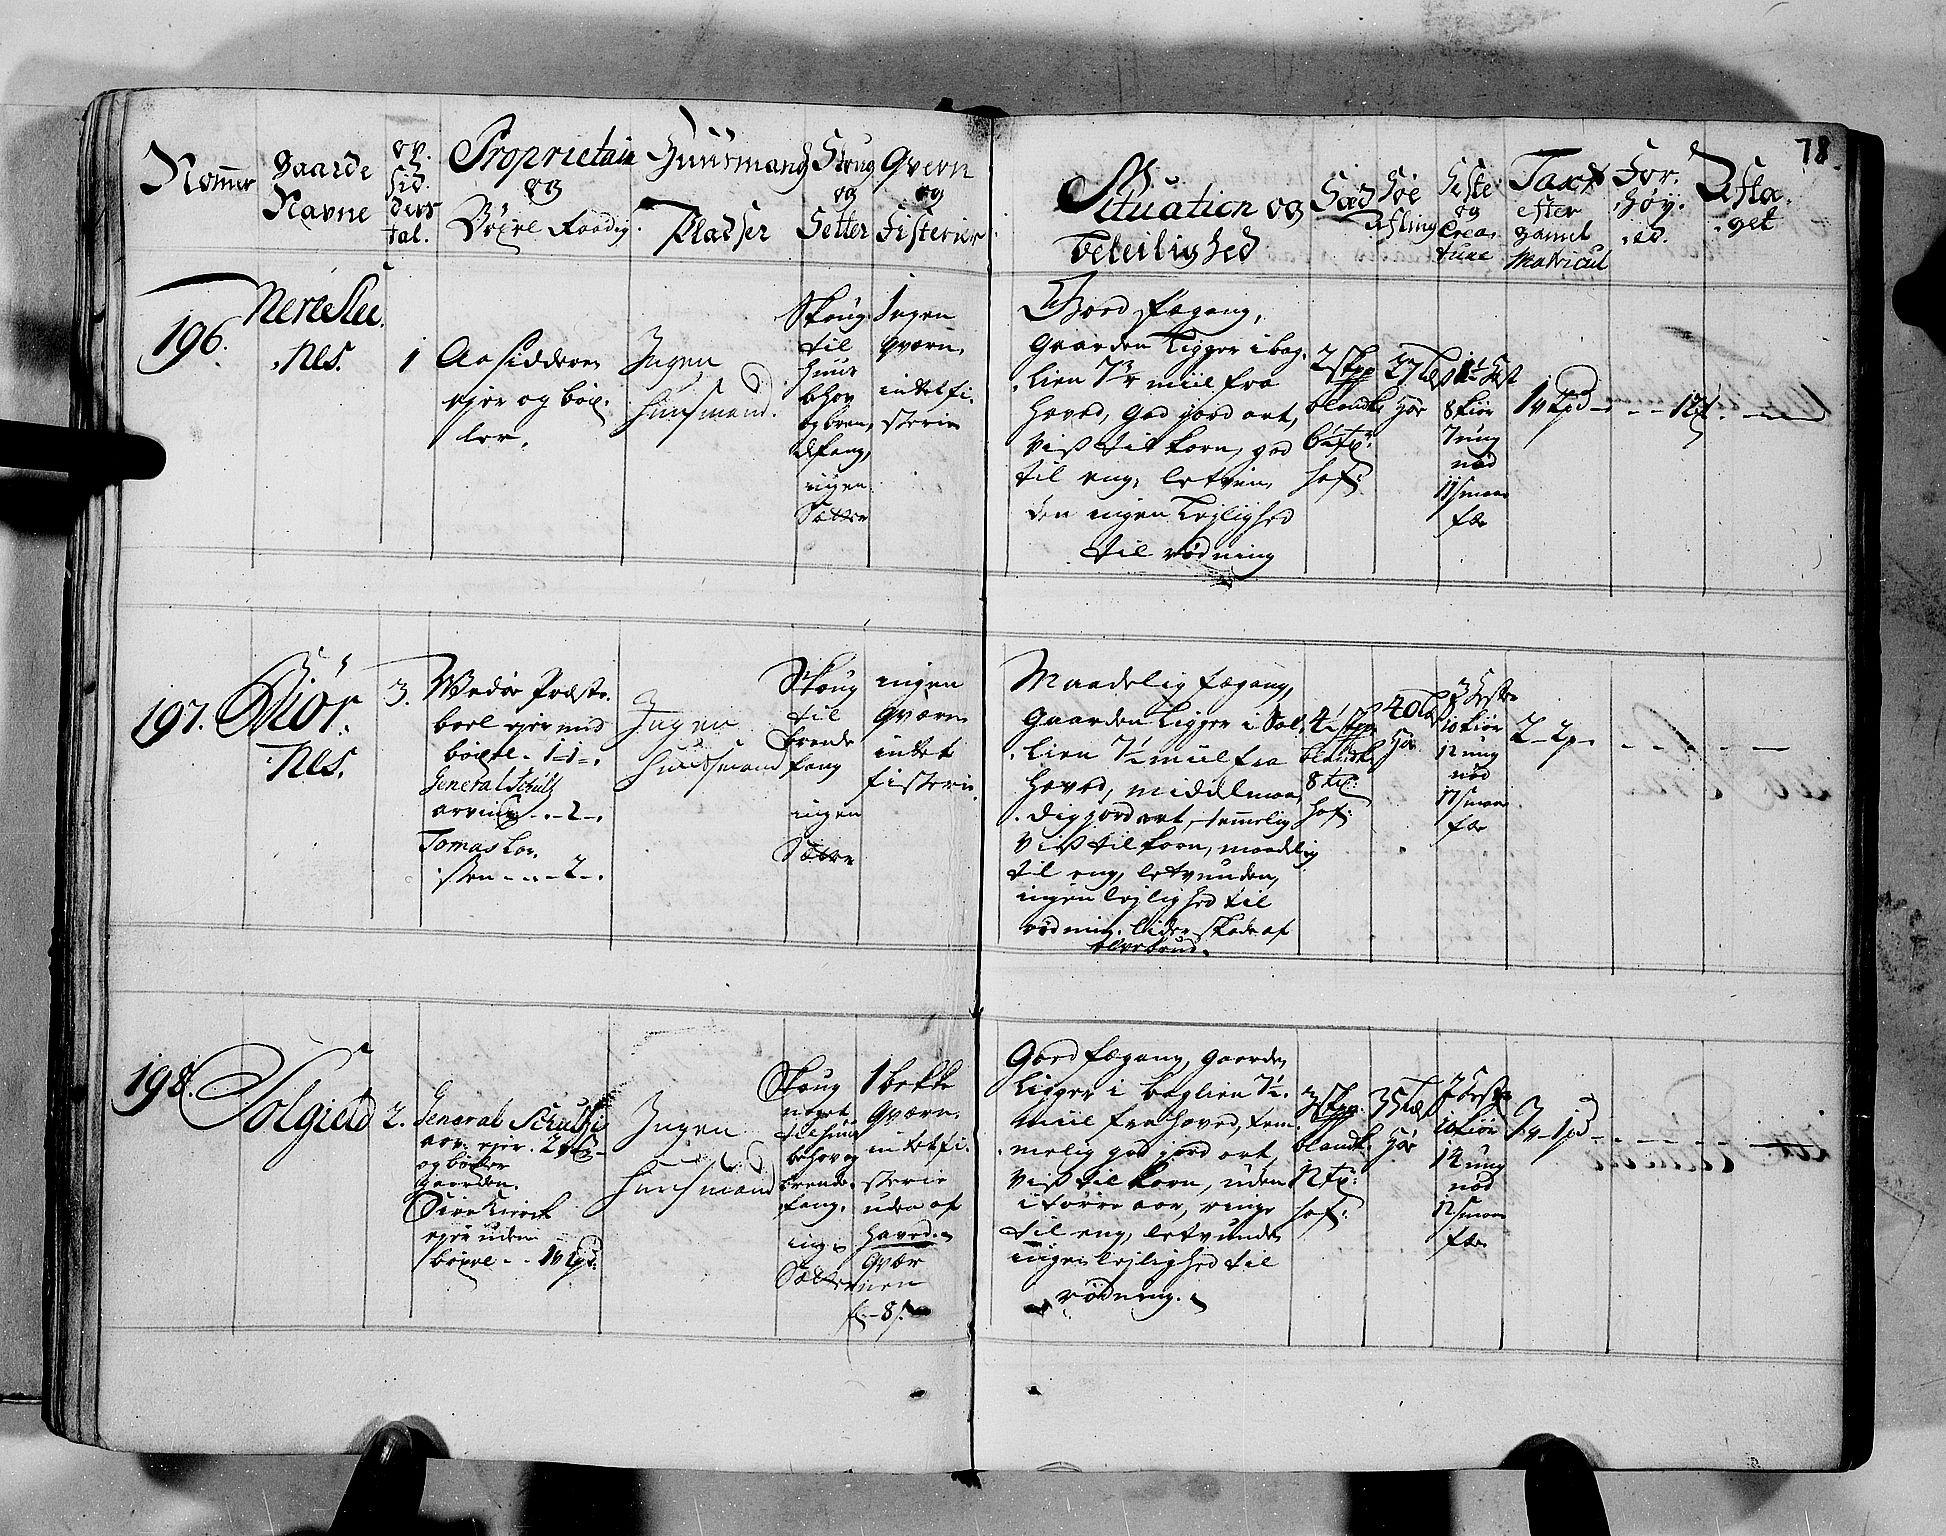 RA, Rentekammeret inntil 1814, Realistisk ordnet avdeling, N/Nb/Nbf/L0152: Romsdal eksaminasjonsprotokoll, 1724, s. 76